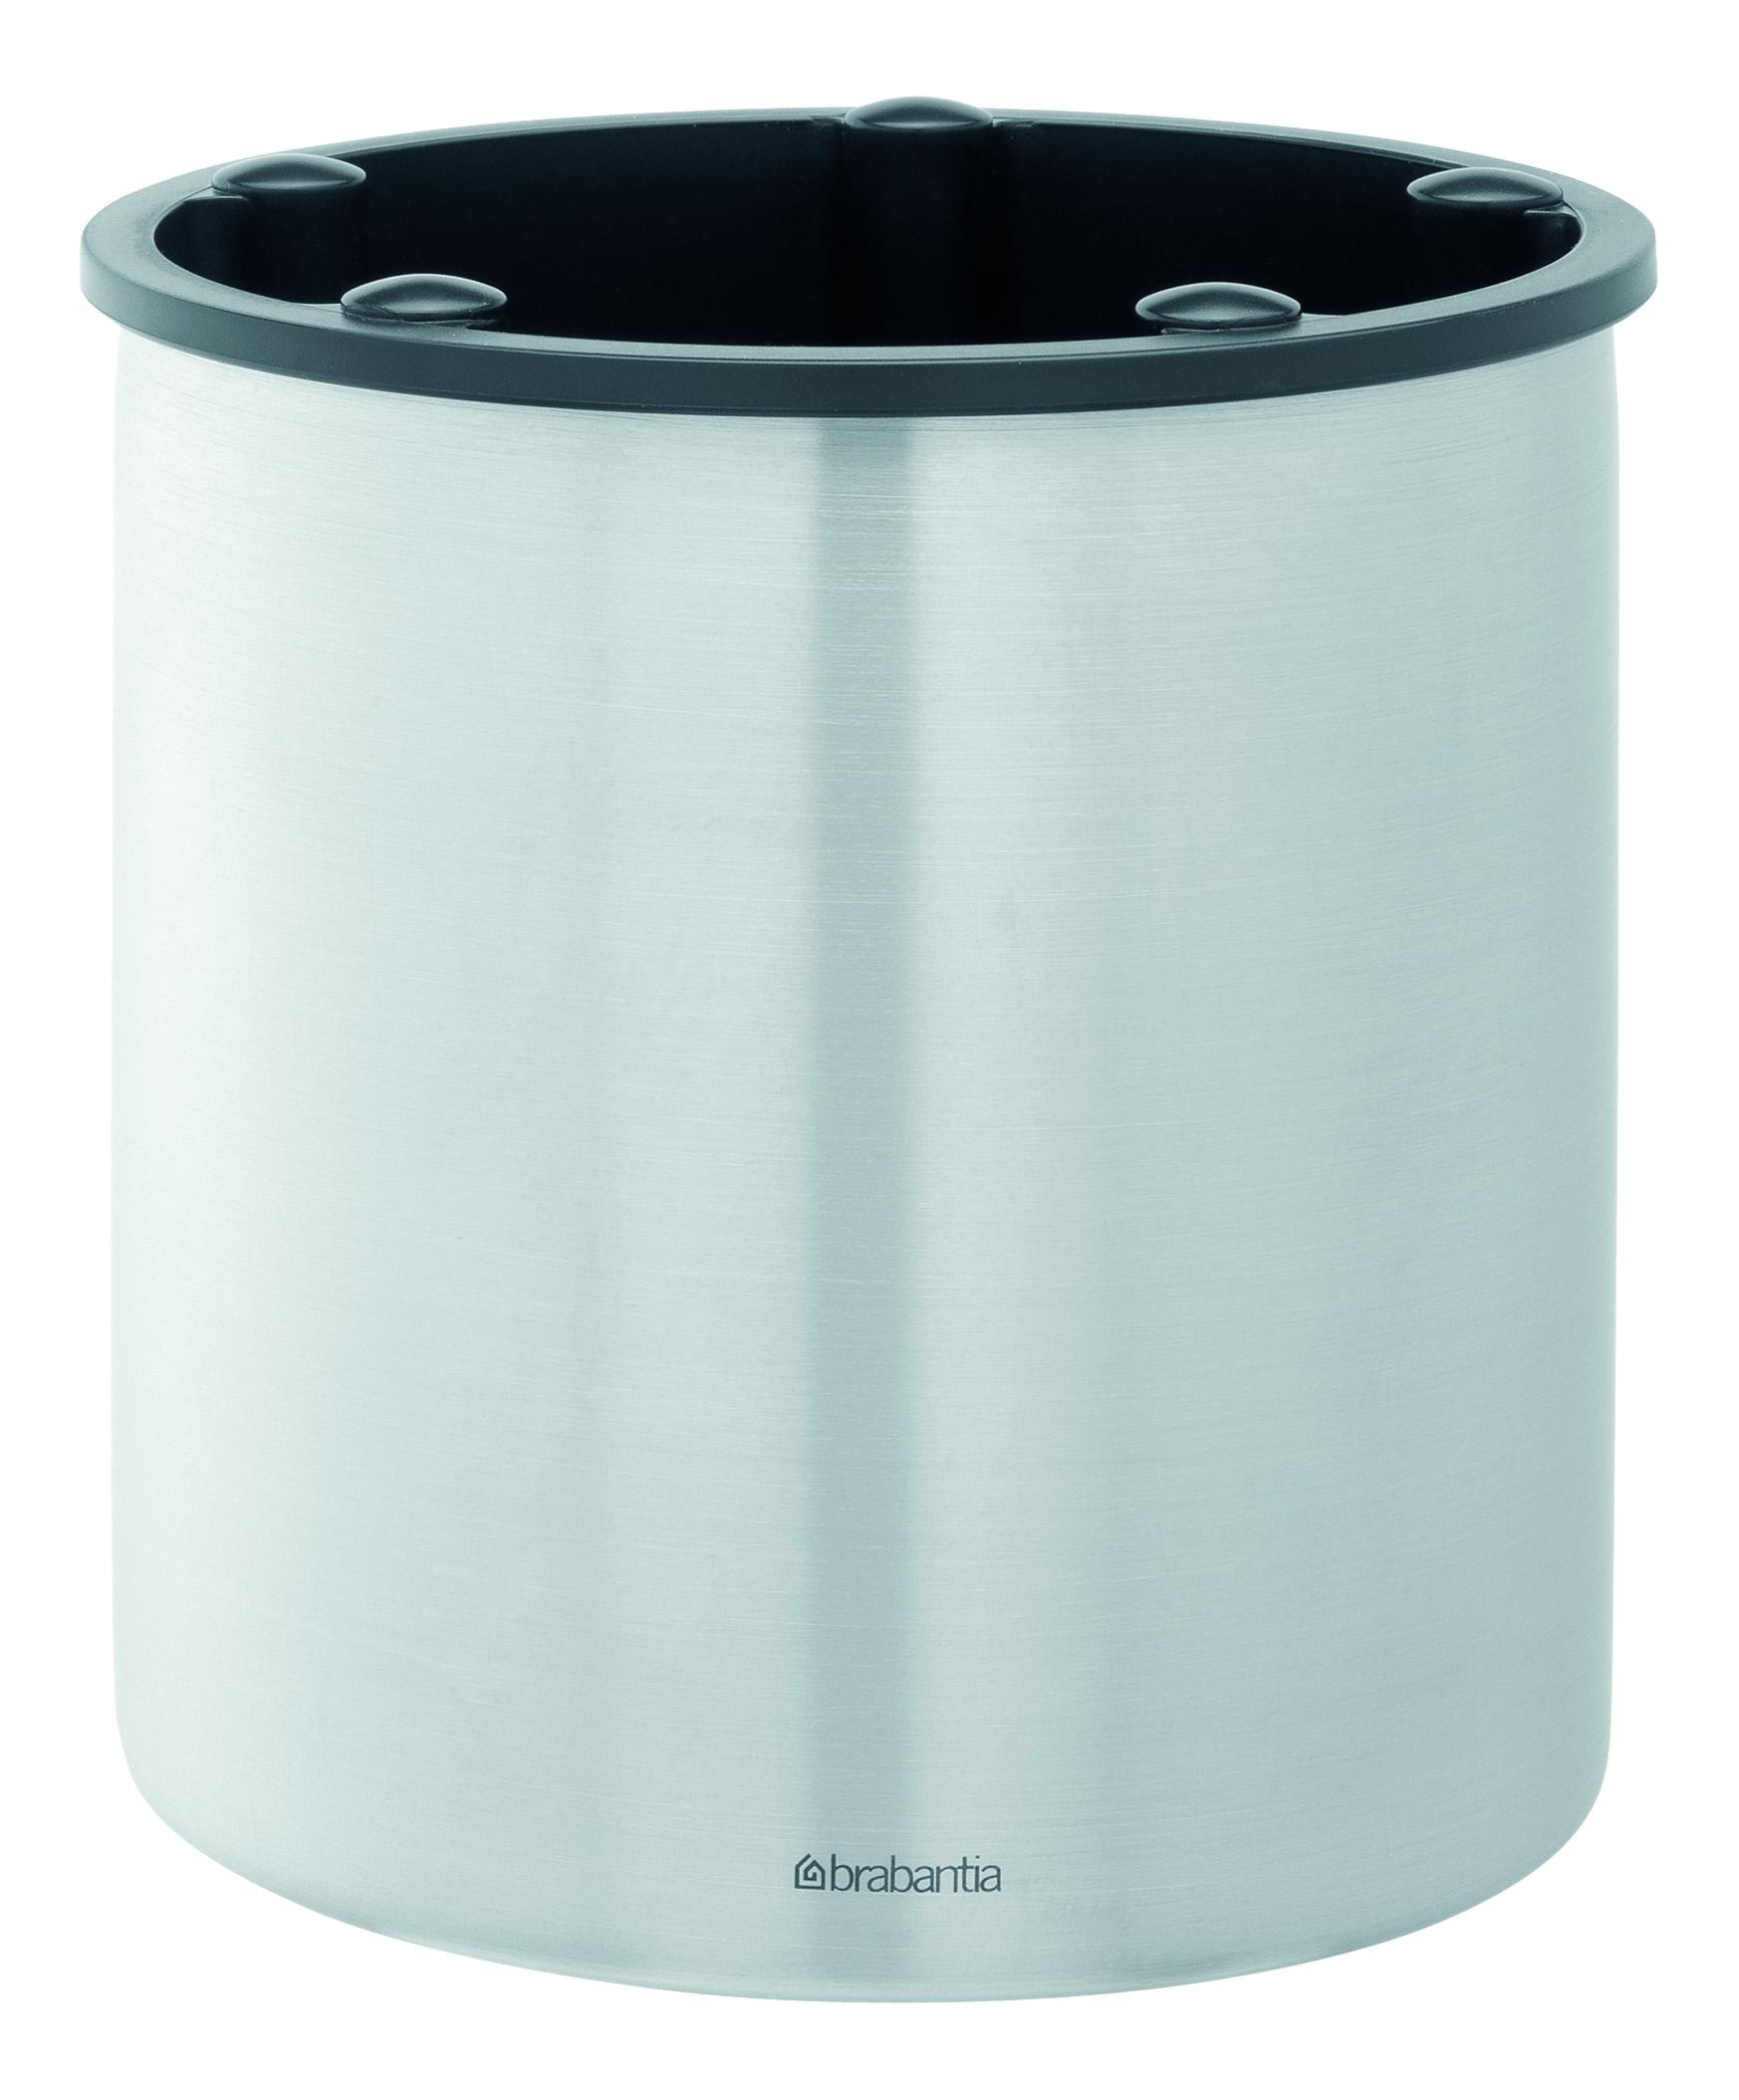 Подставка для столовых приборов Brabantia Подставка для столовых приборов 313066